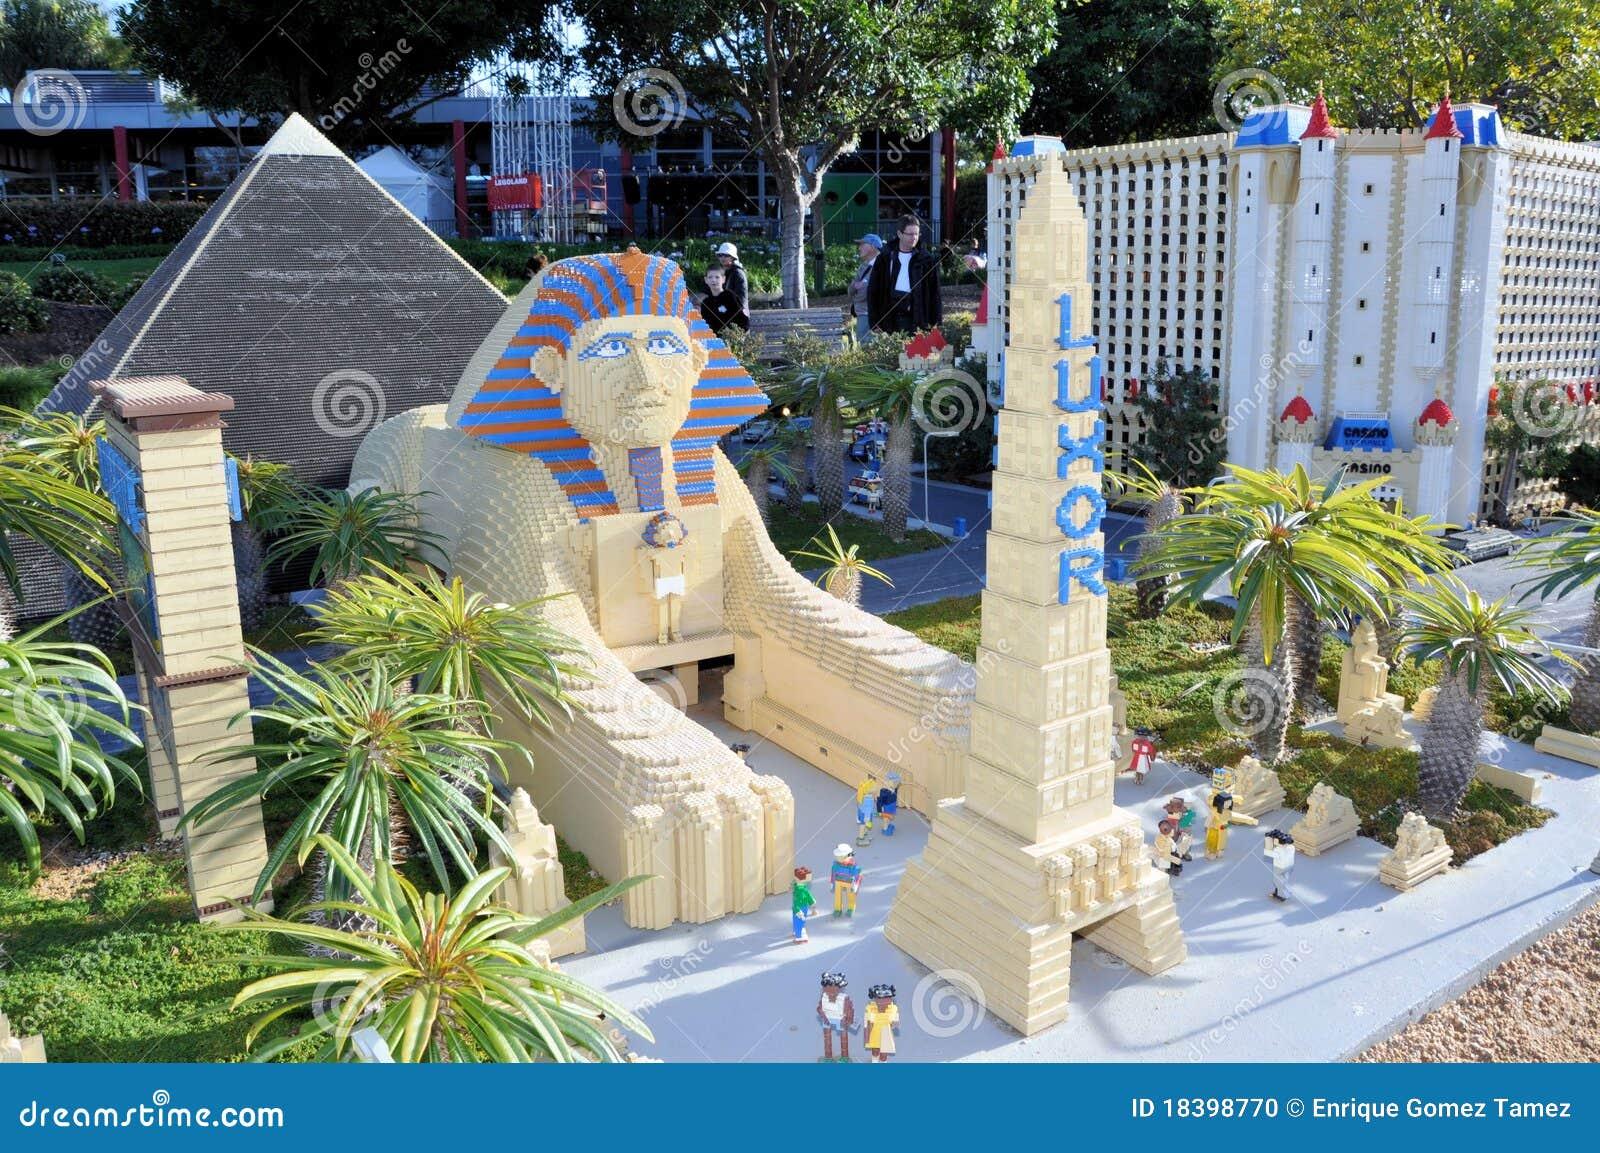 Blockerar stadslas legoen gjorda vegas